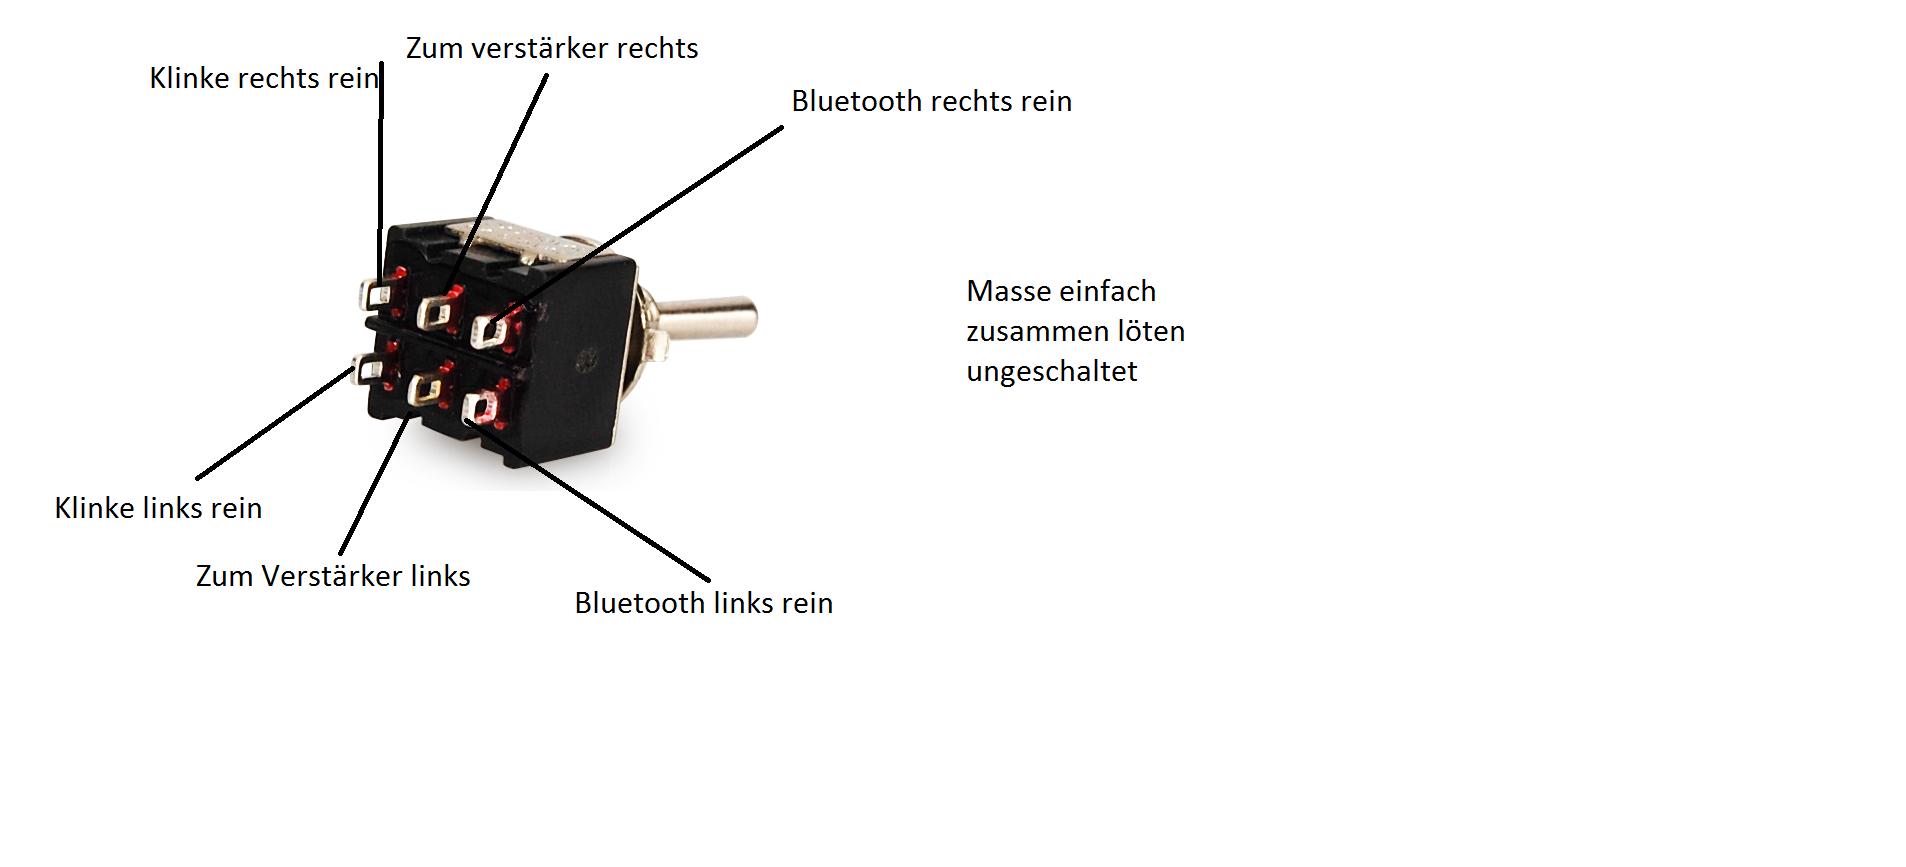 Mobile Festivalbox die Xte (2x Visaton BG20, McFun300, Autobatterie ...